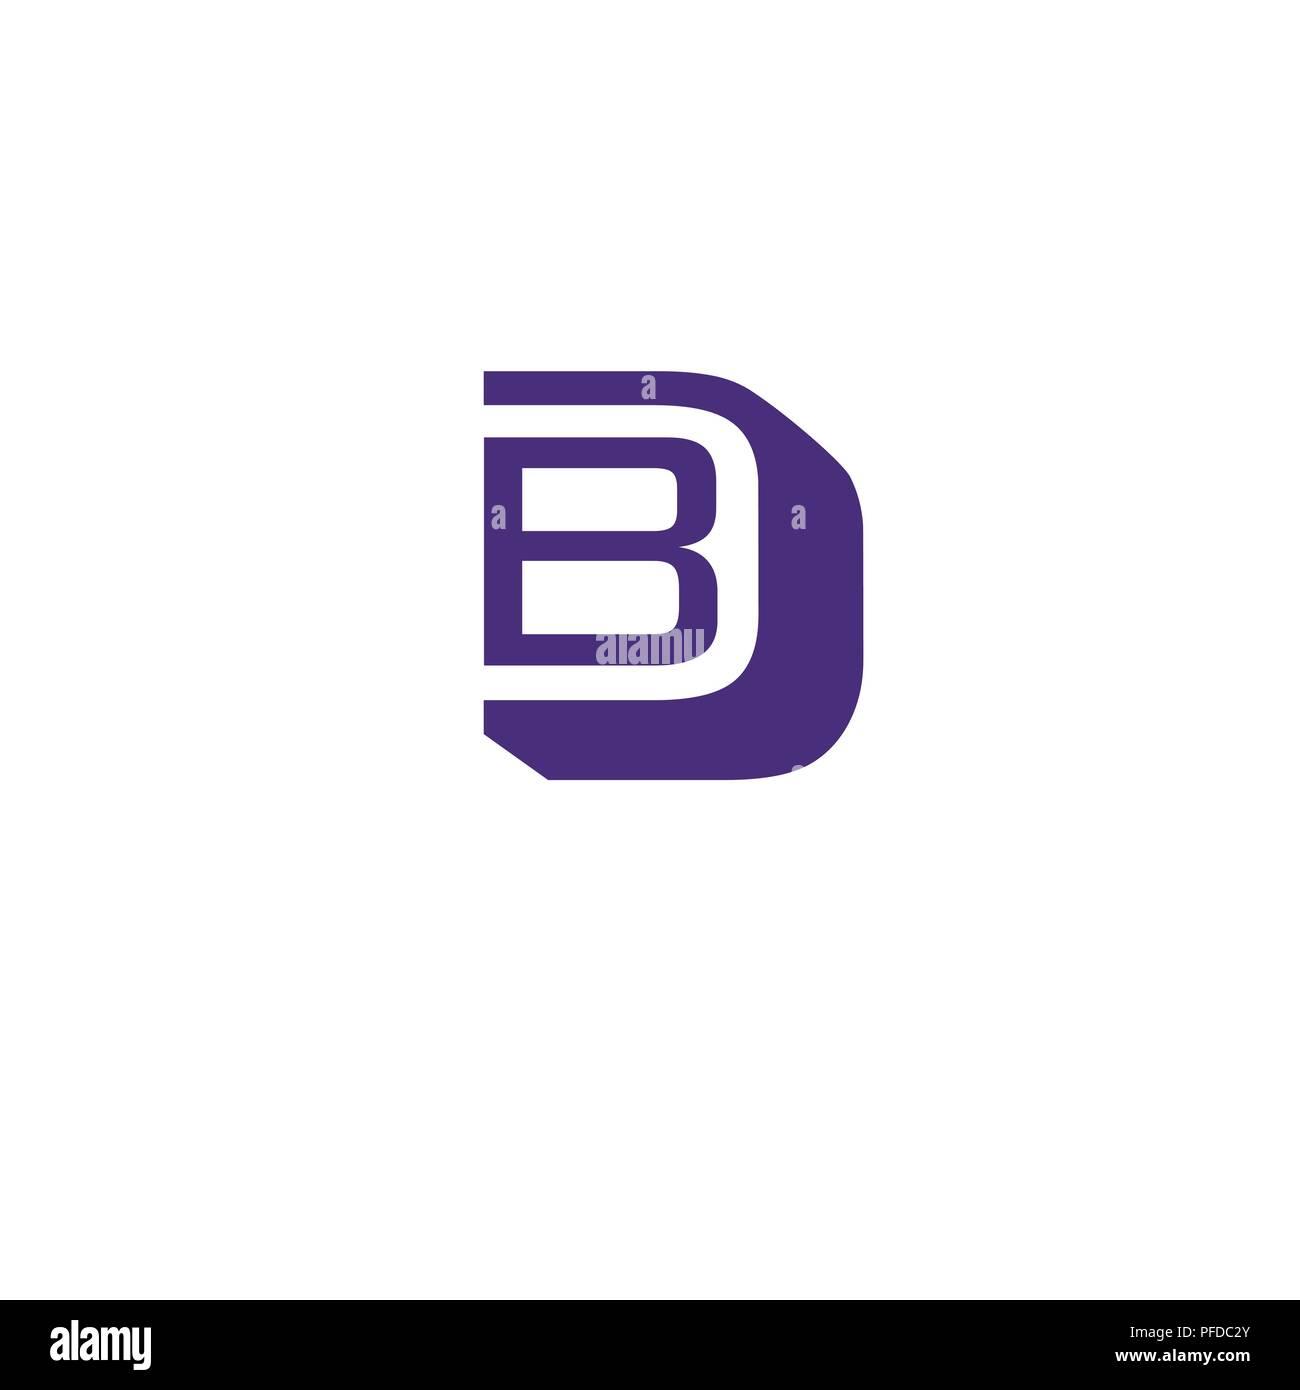 bd letter logo design